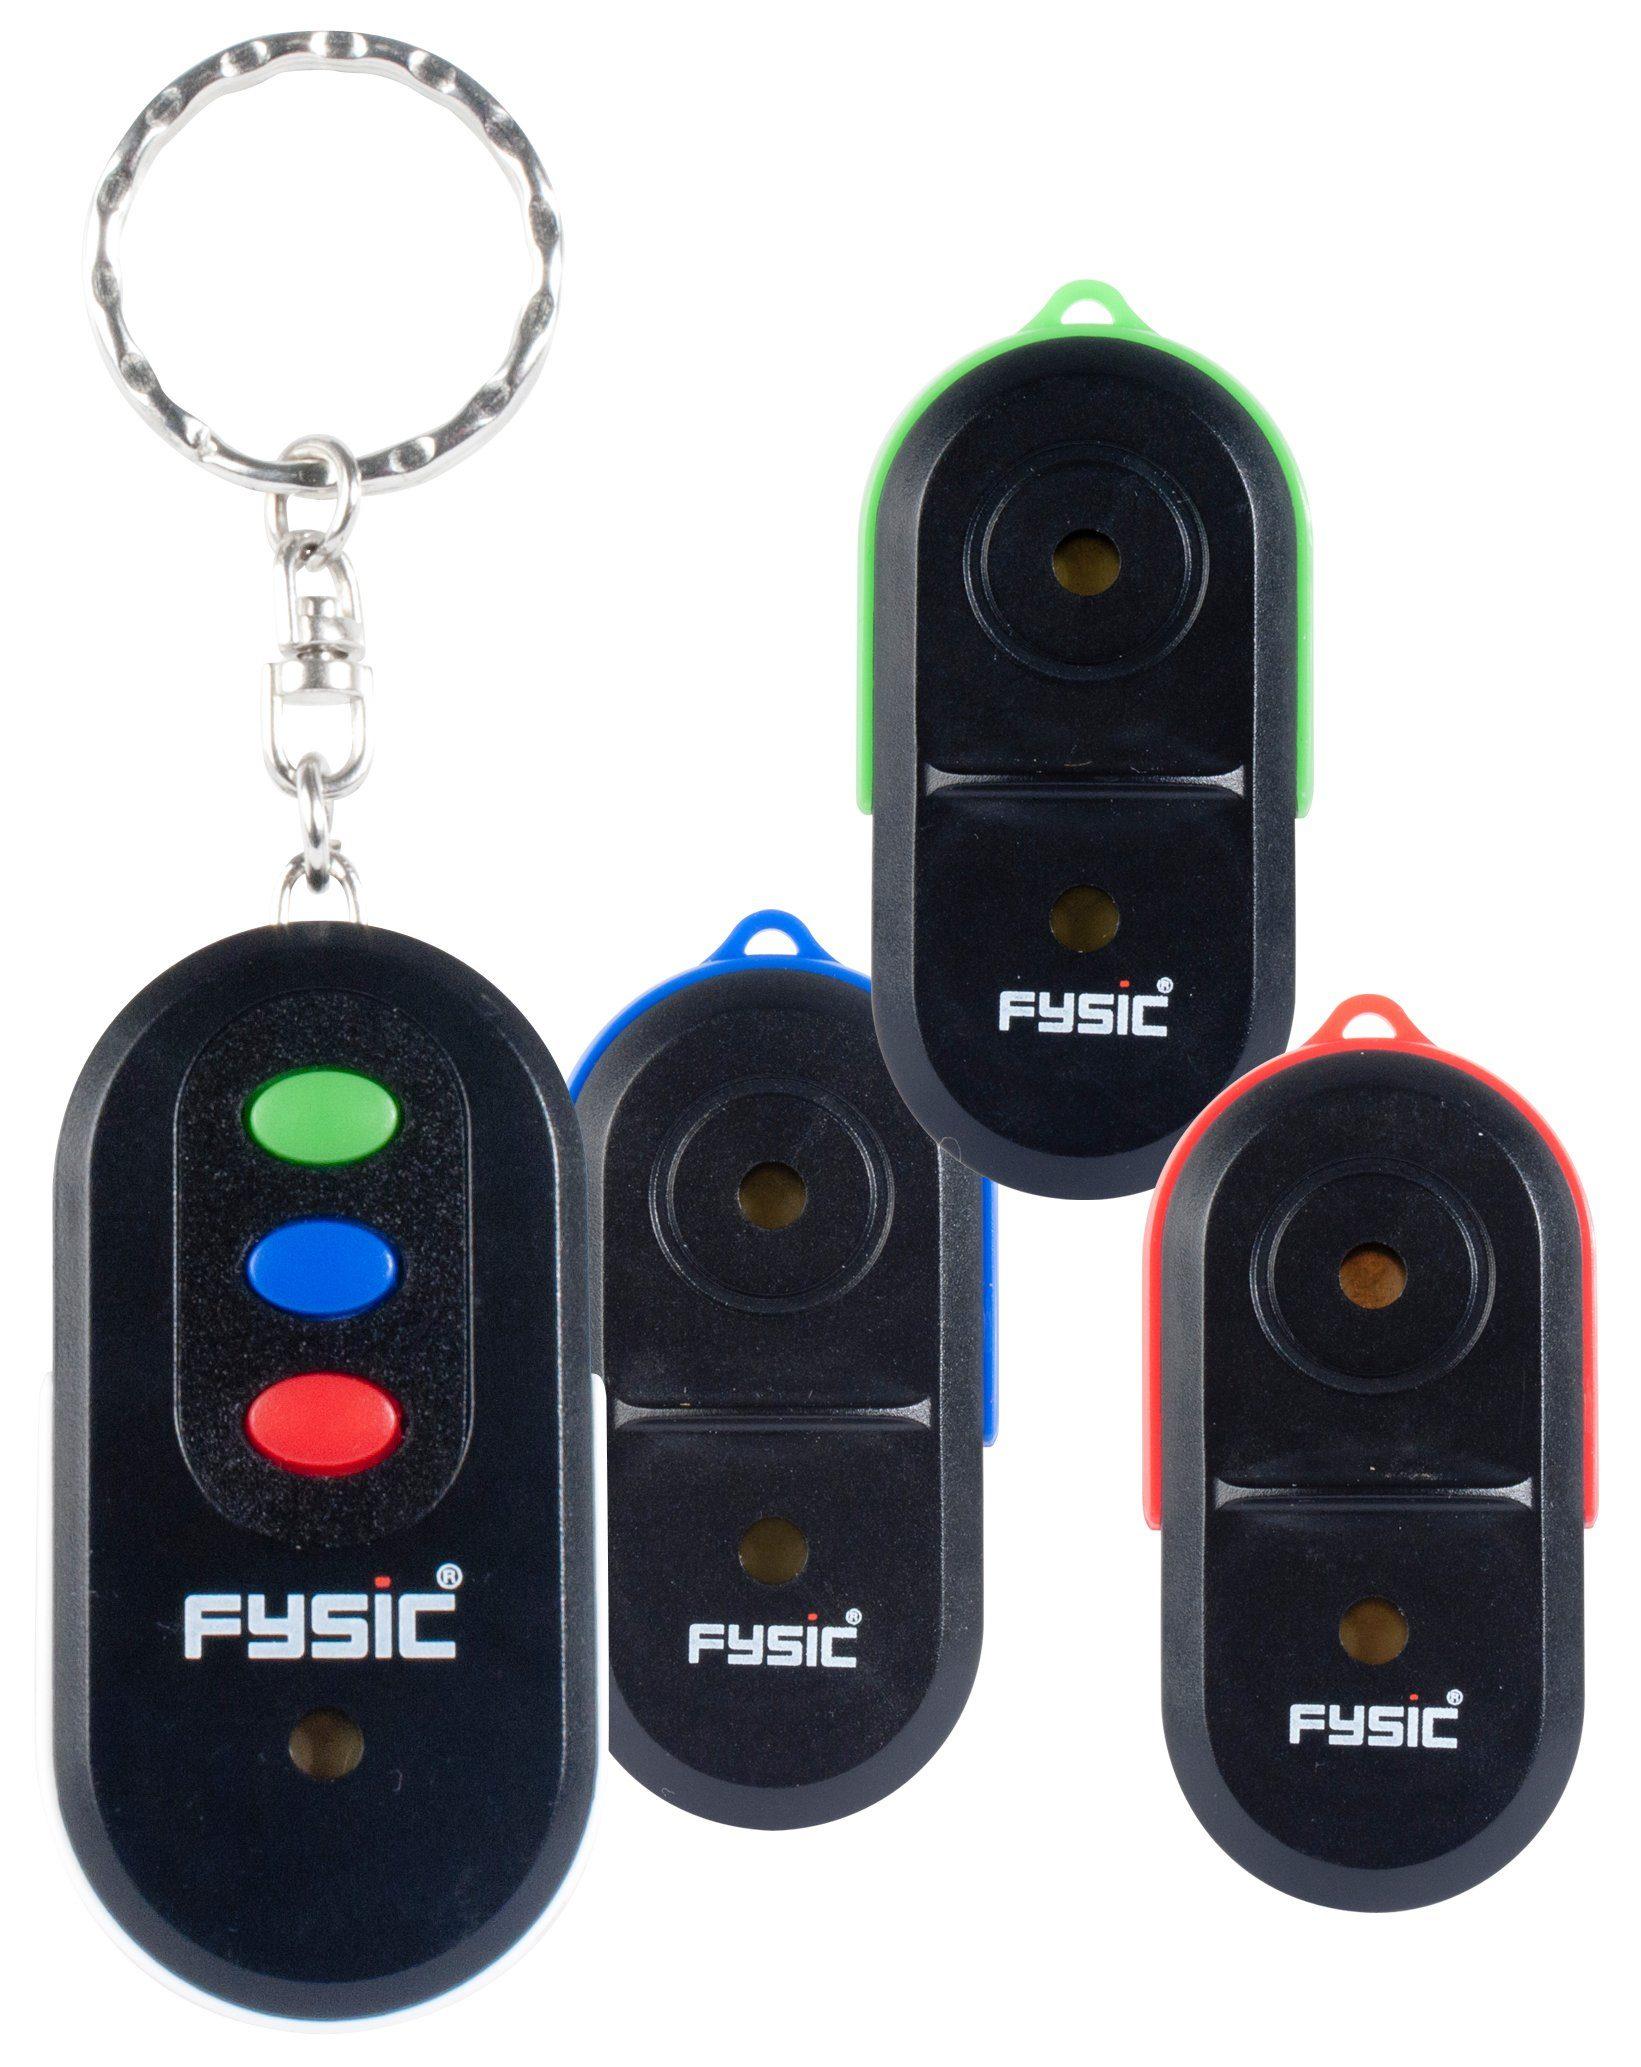 Fysic FC-63 Elektronischer Schlüsselanhänger mit Suchfunktion